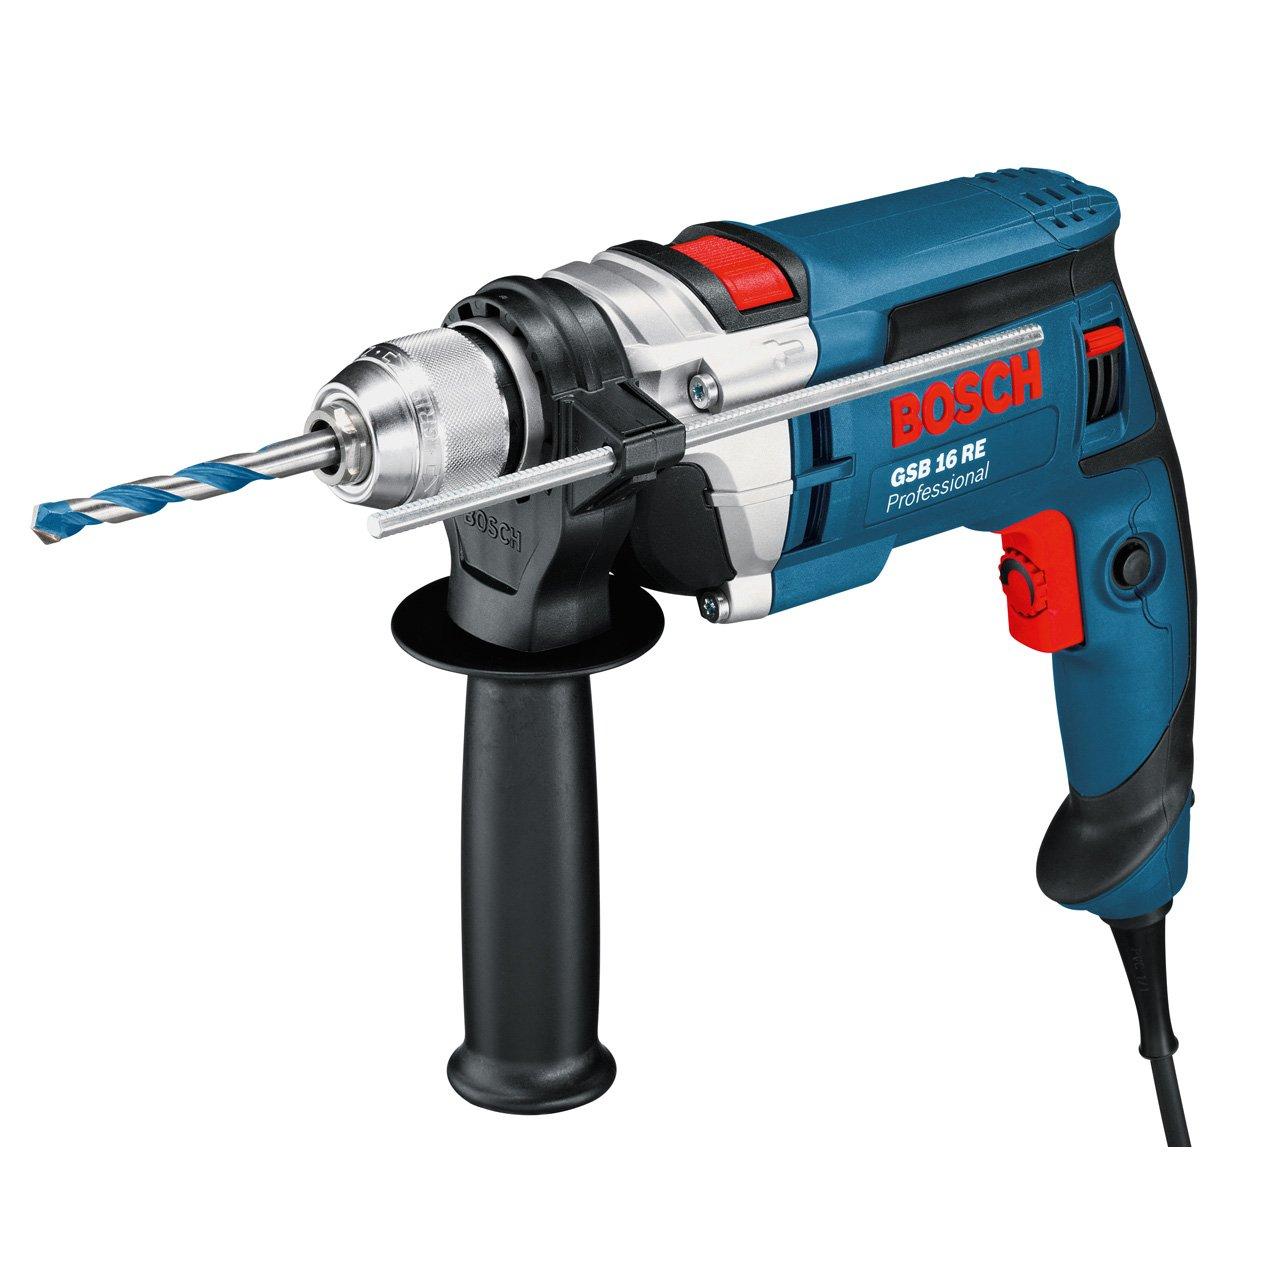 Bosch Professional GSB 16 RE Schlagbohrmaschine + Schnellspannbohrfutter 13 mm + Tiefenanschlag 210 mm + Zusatzhandgriff + Koffer (750 W)